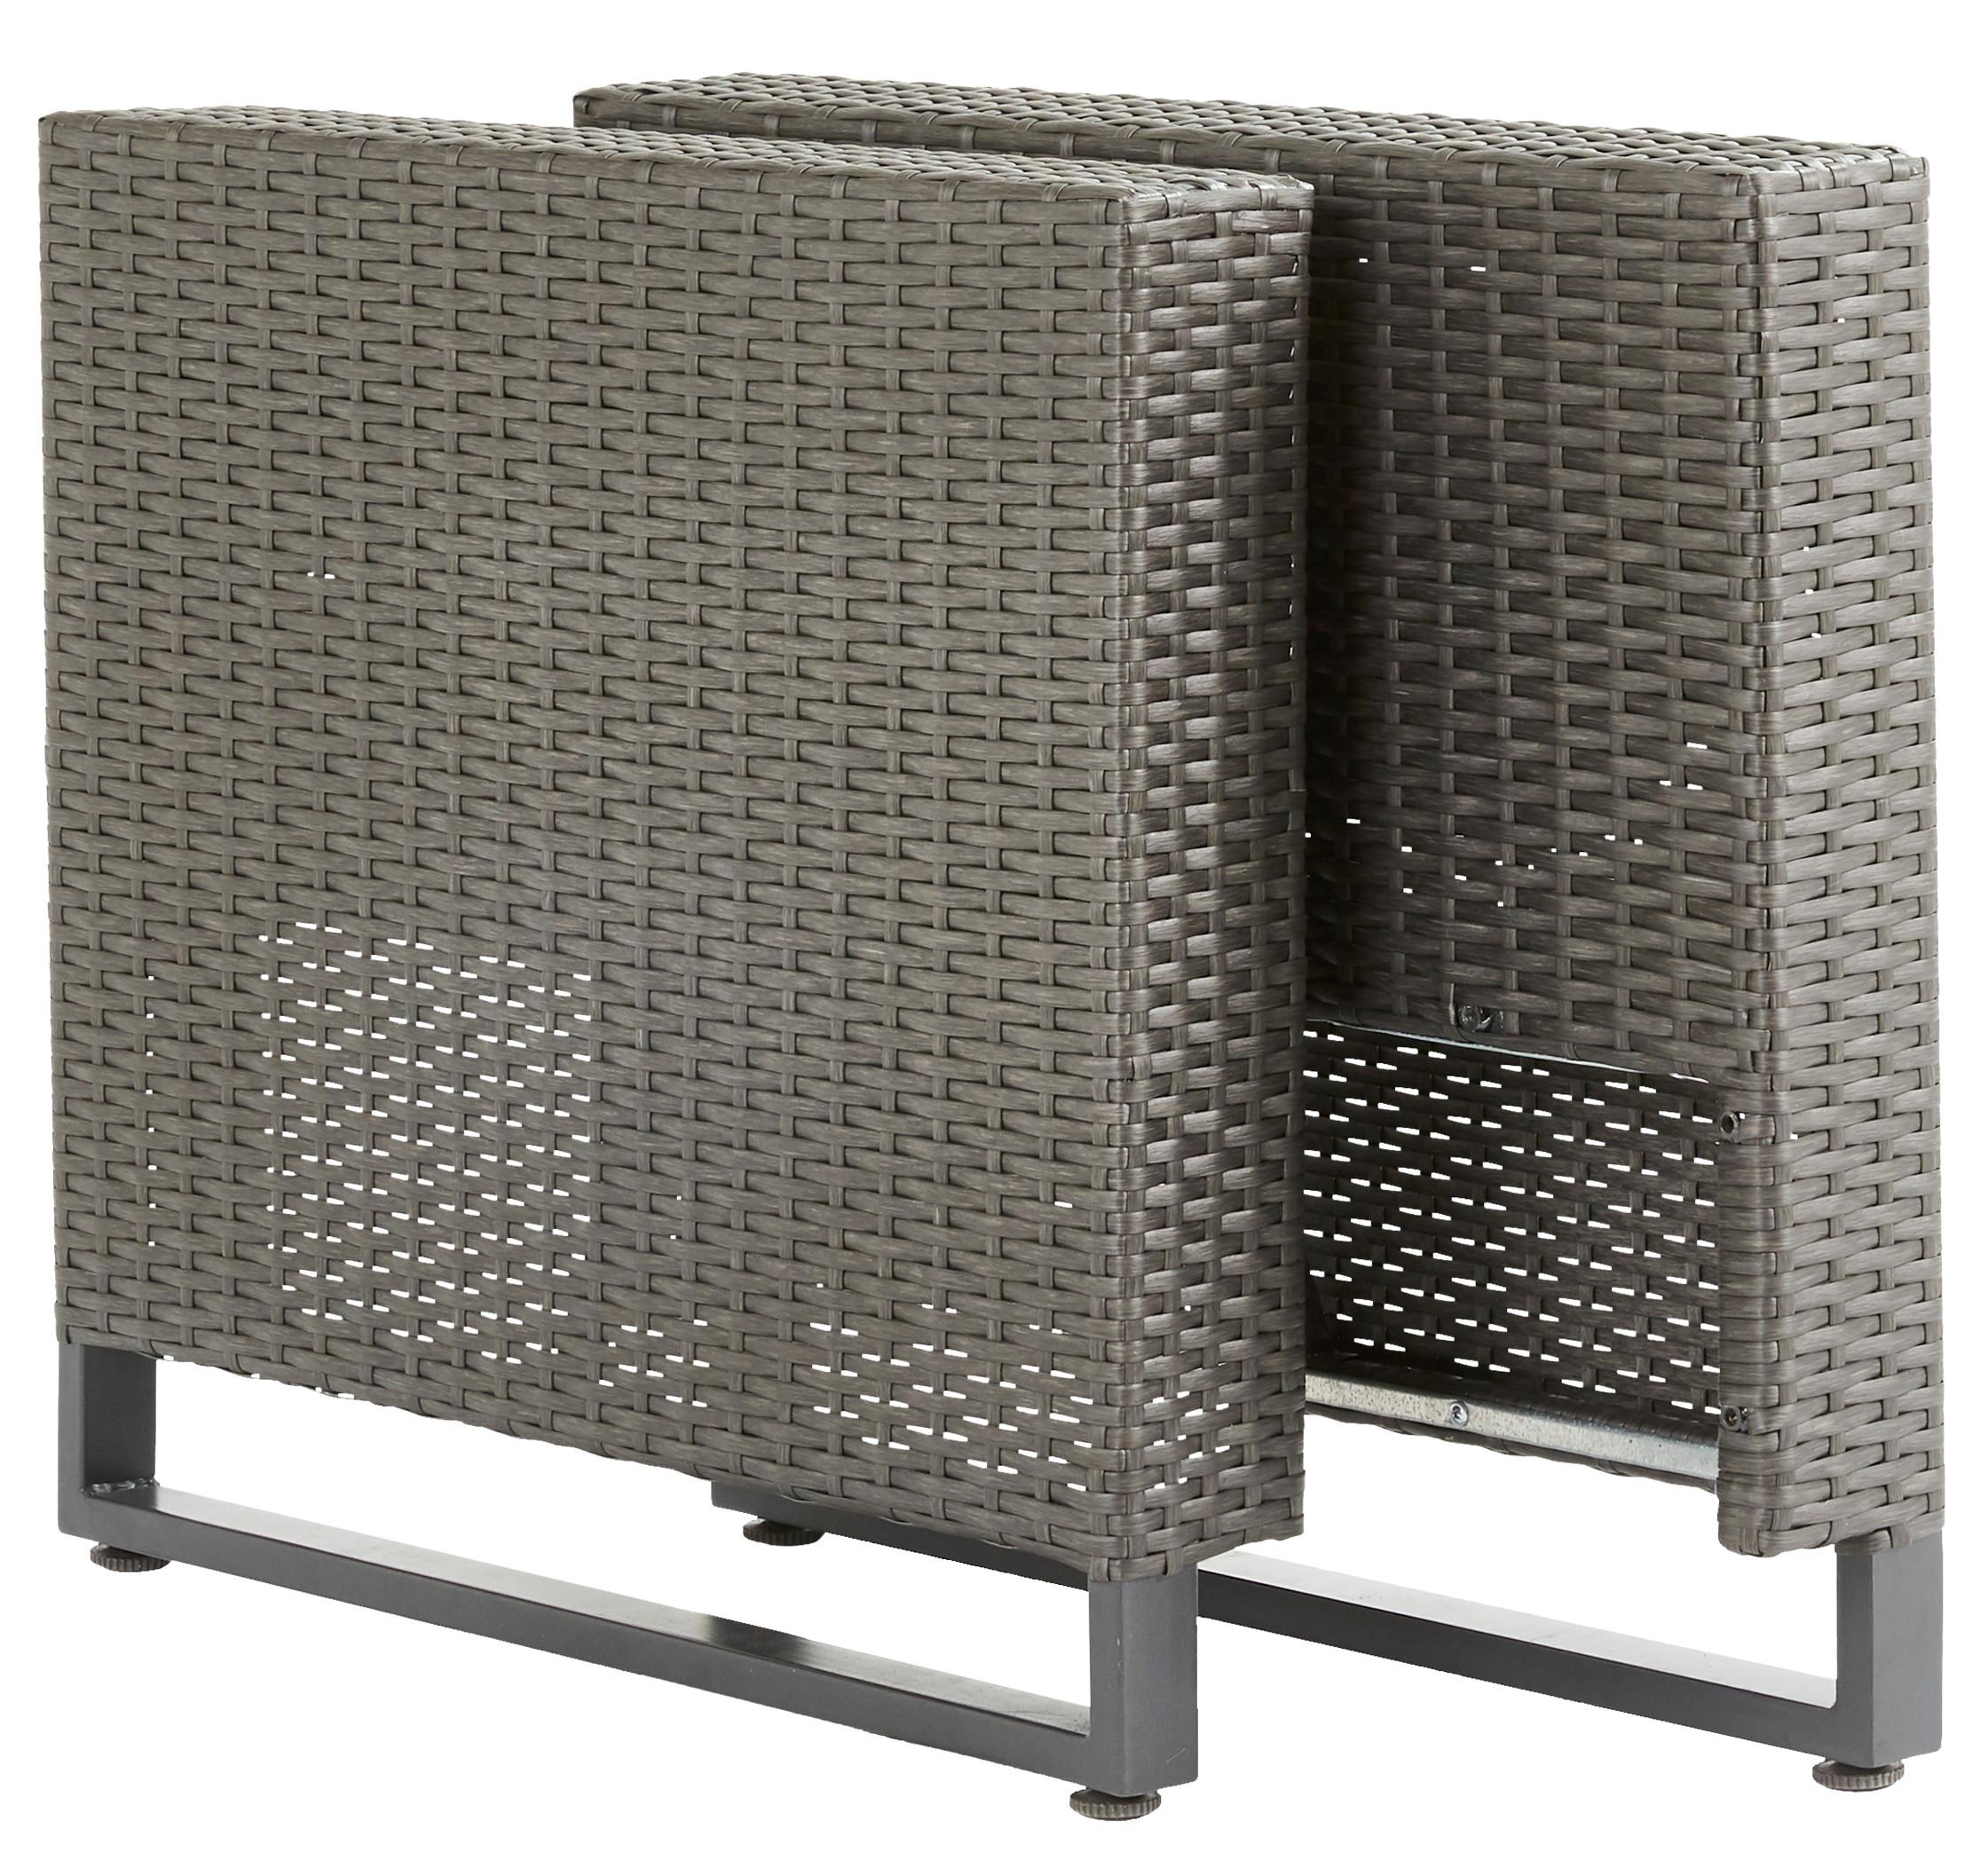 Подлокотник для садовой мебели Naterial Noa Fix 10x62x10 см ротанг серый 2 шт